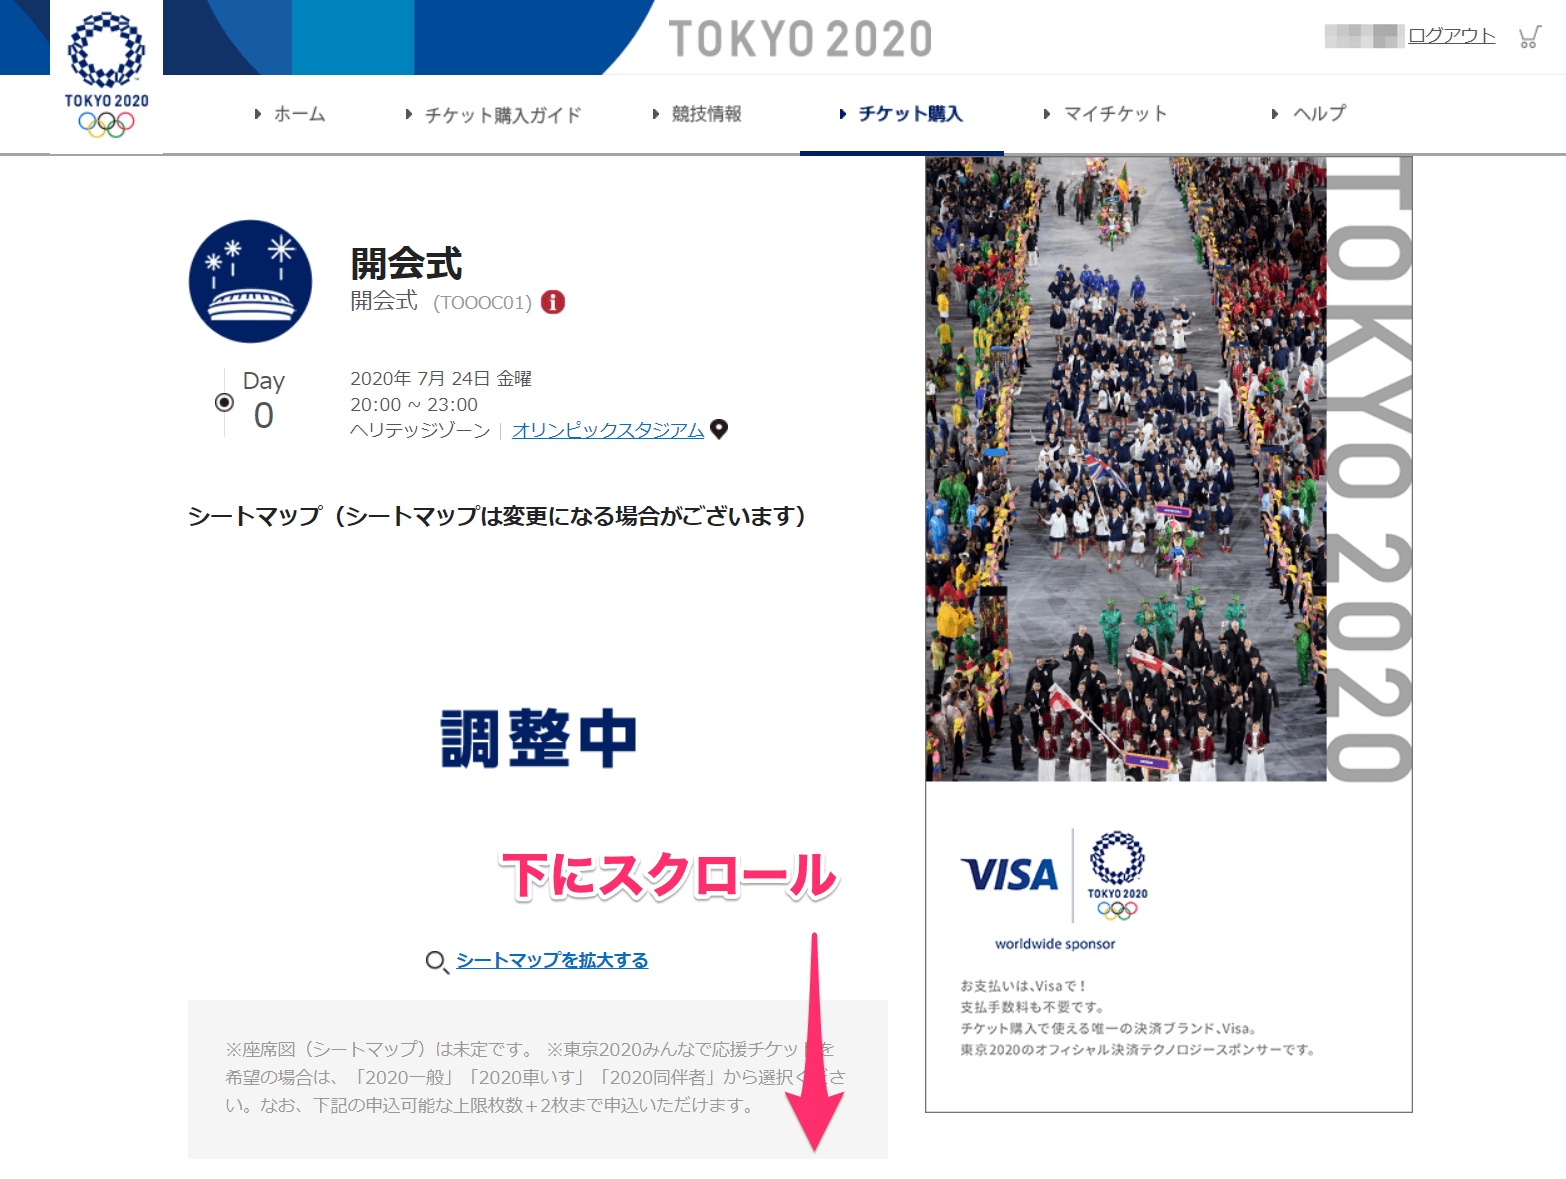 【東京オリンピック】観戦チケットの購入方法。競技や日程、席種の選択からカートへの保存まで